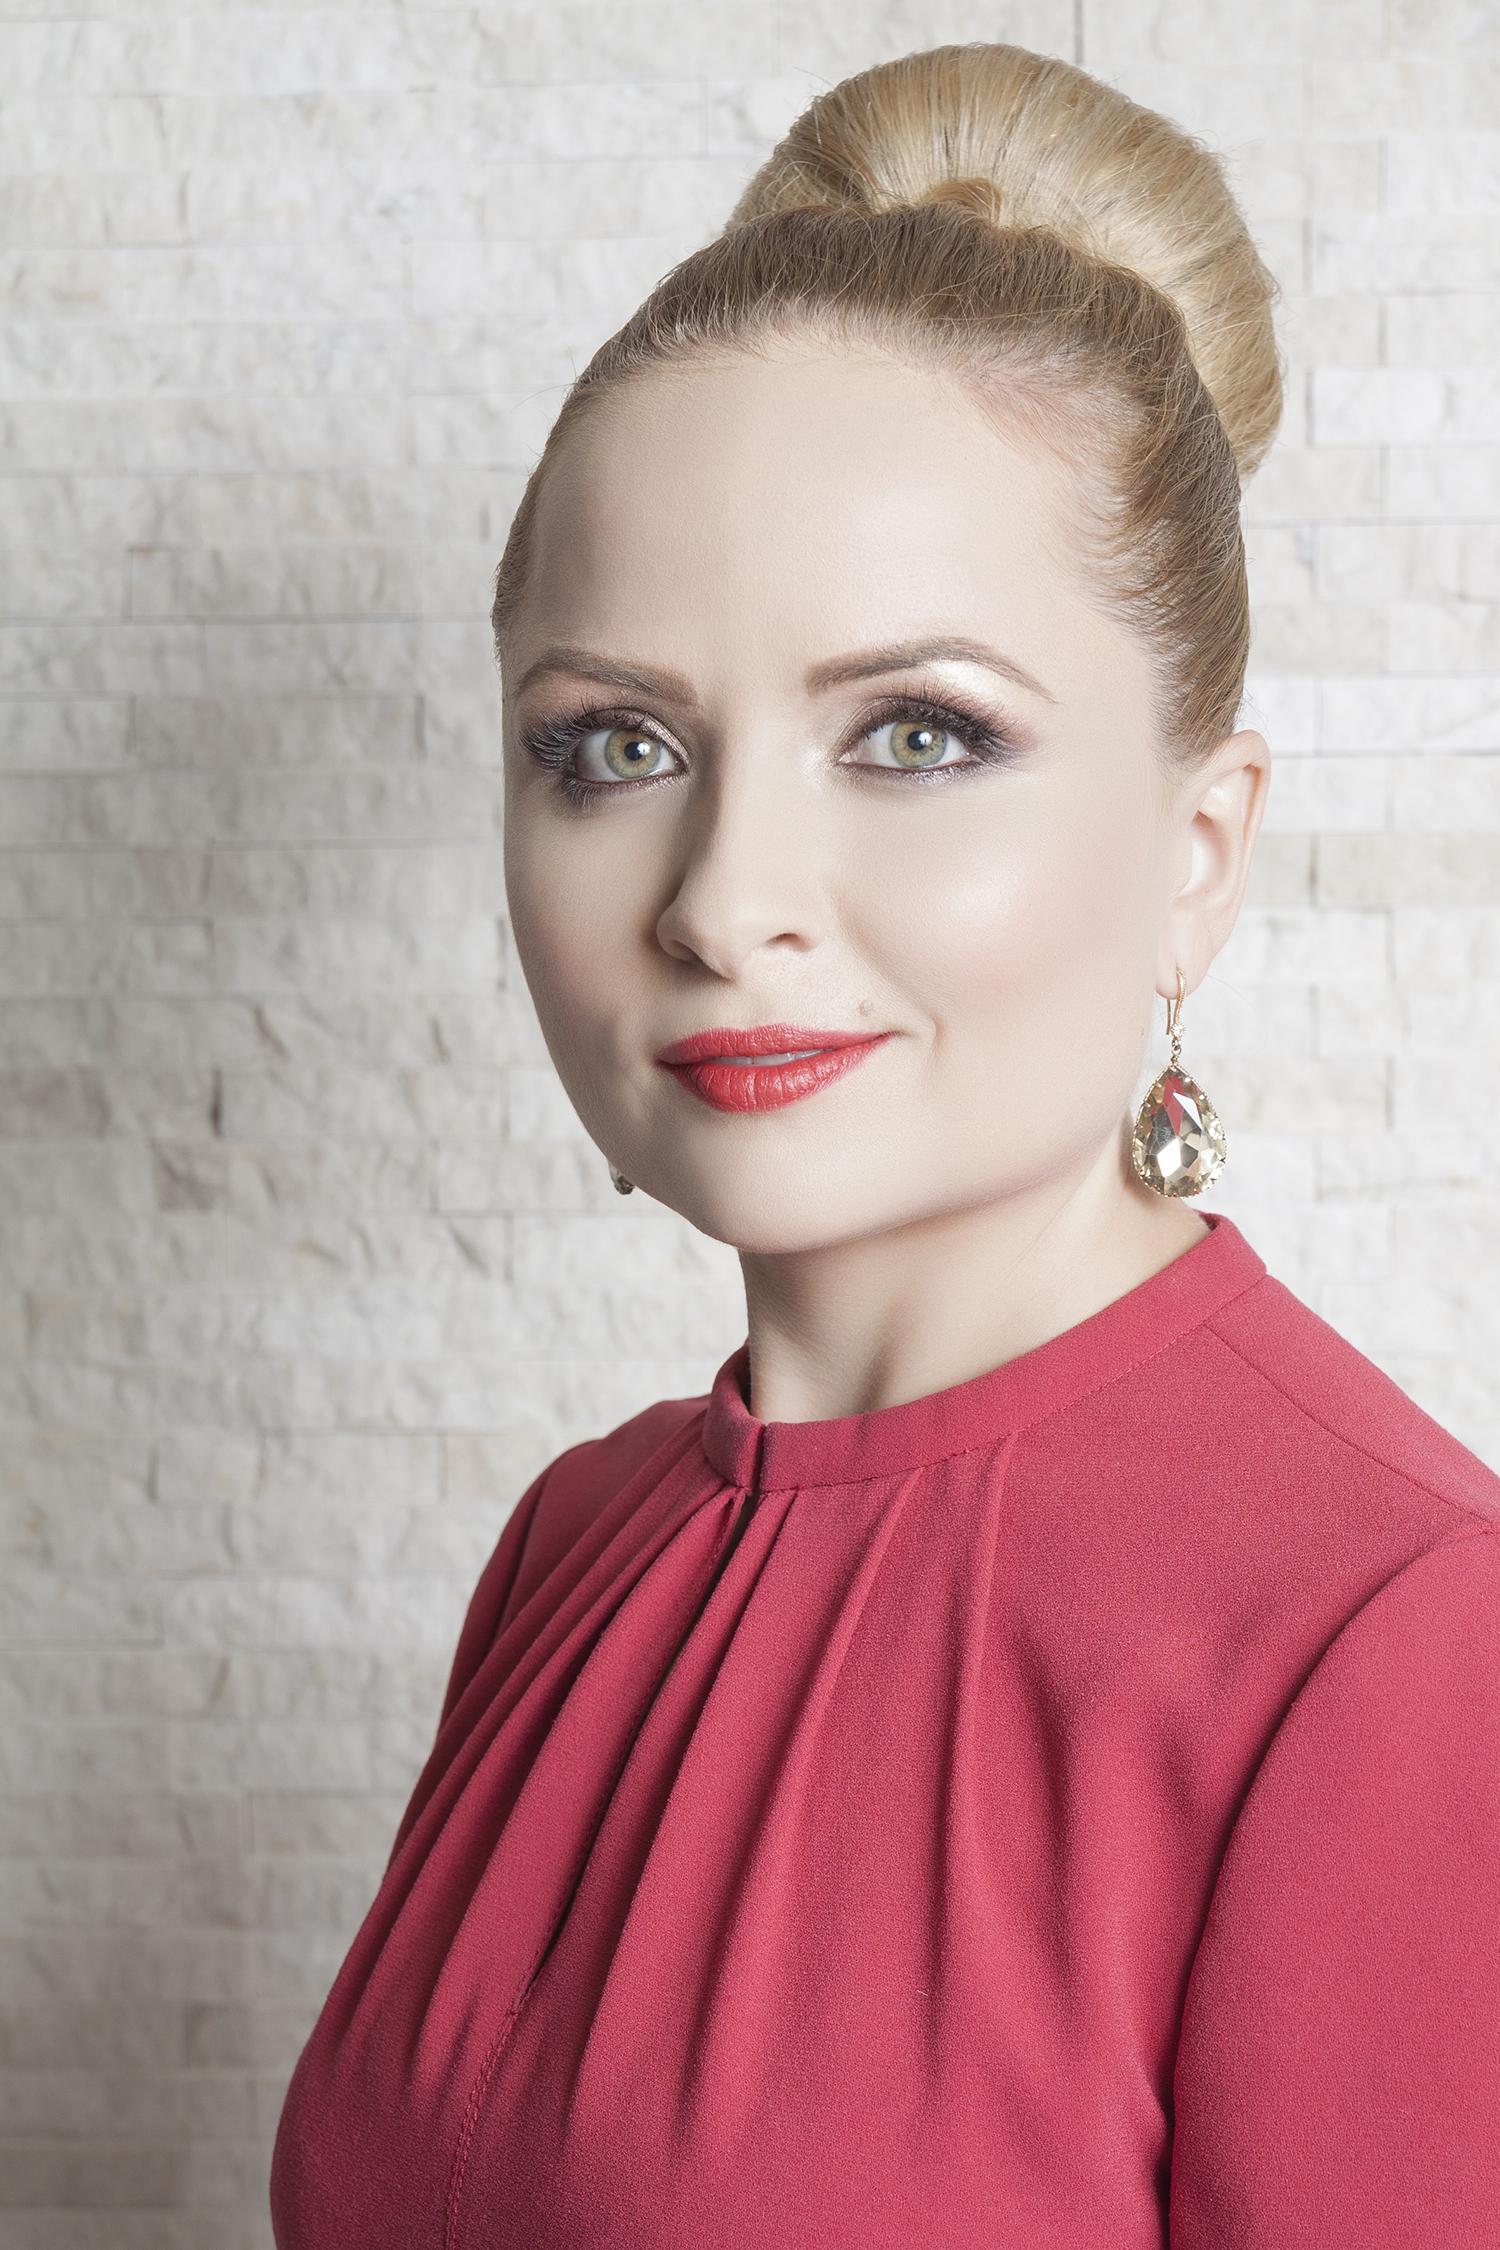 Mariana Bradescu - PIATRAONLINE porneşte în căutarea de #rockstars prin intermediul campaniei de recrutare online Așează-te